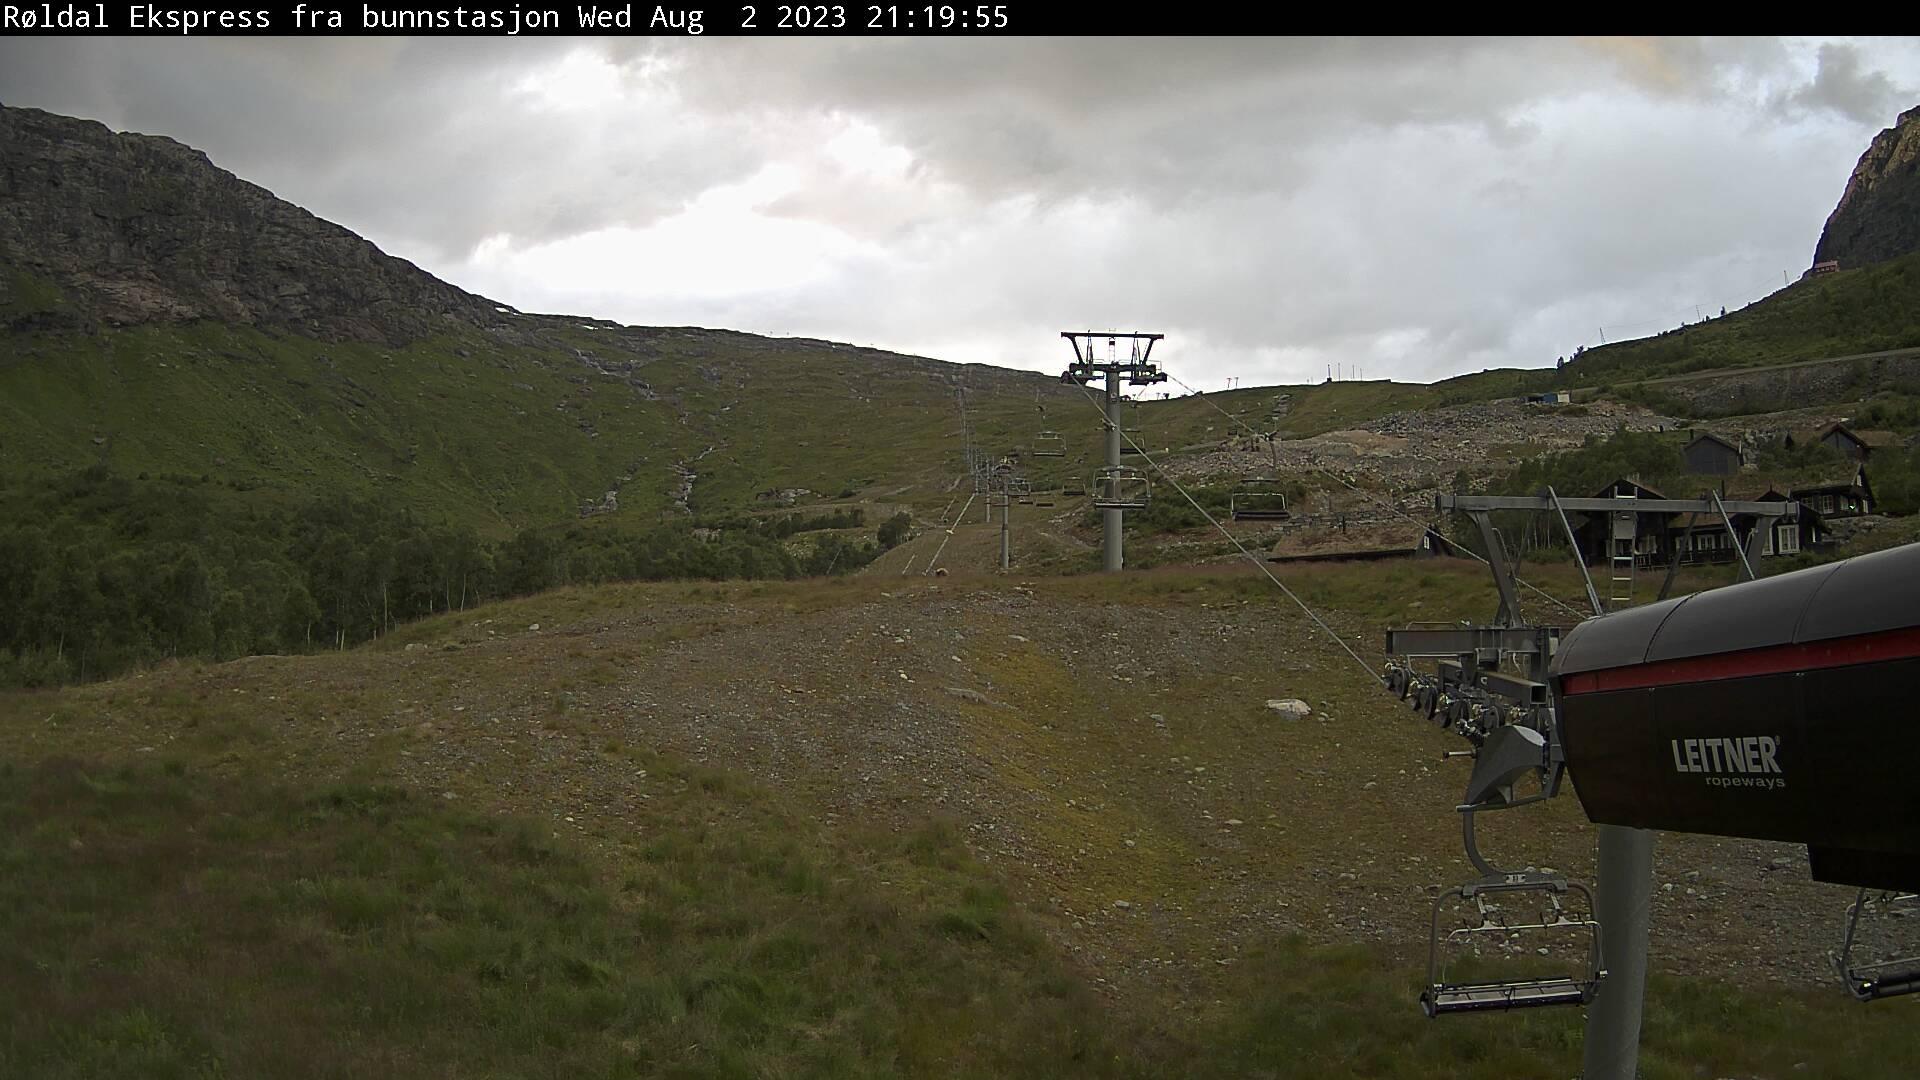 Røldal - ski slope; from bottom of Røldal Ekspress lift